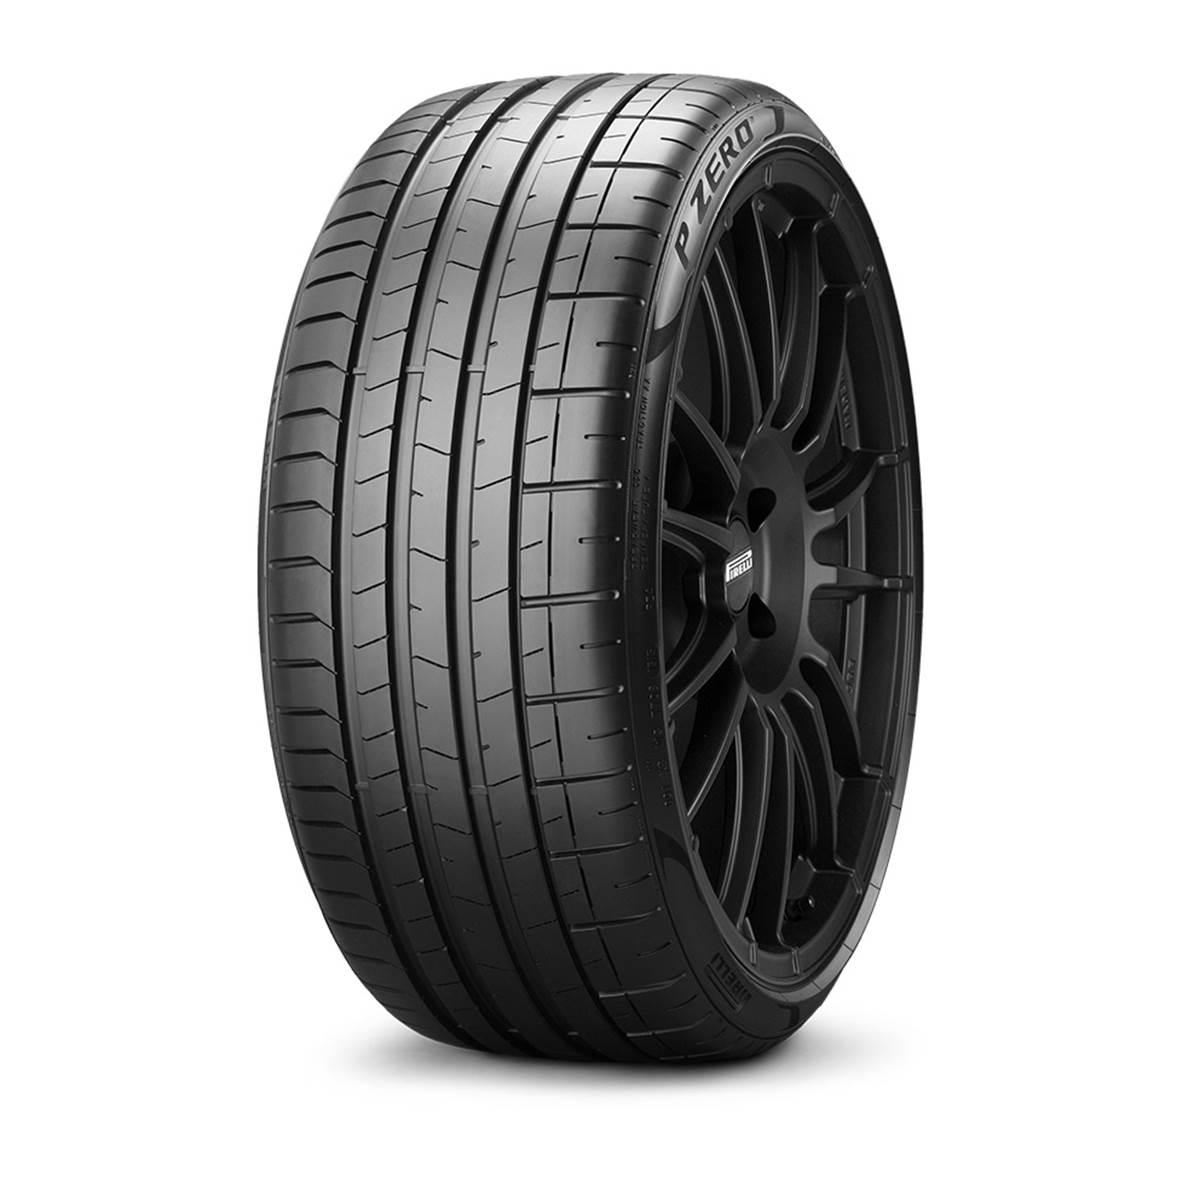 Pneu Pirelli 275/45R18 107Y Pzero XL